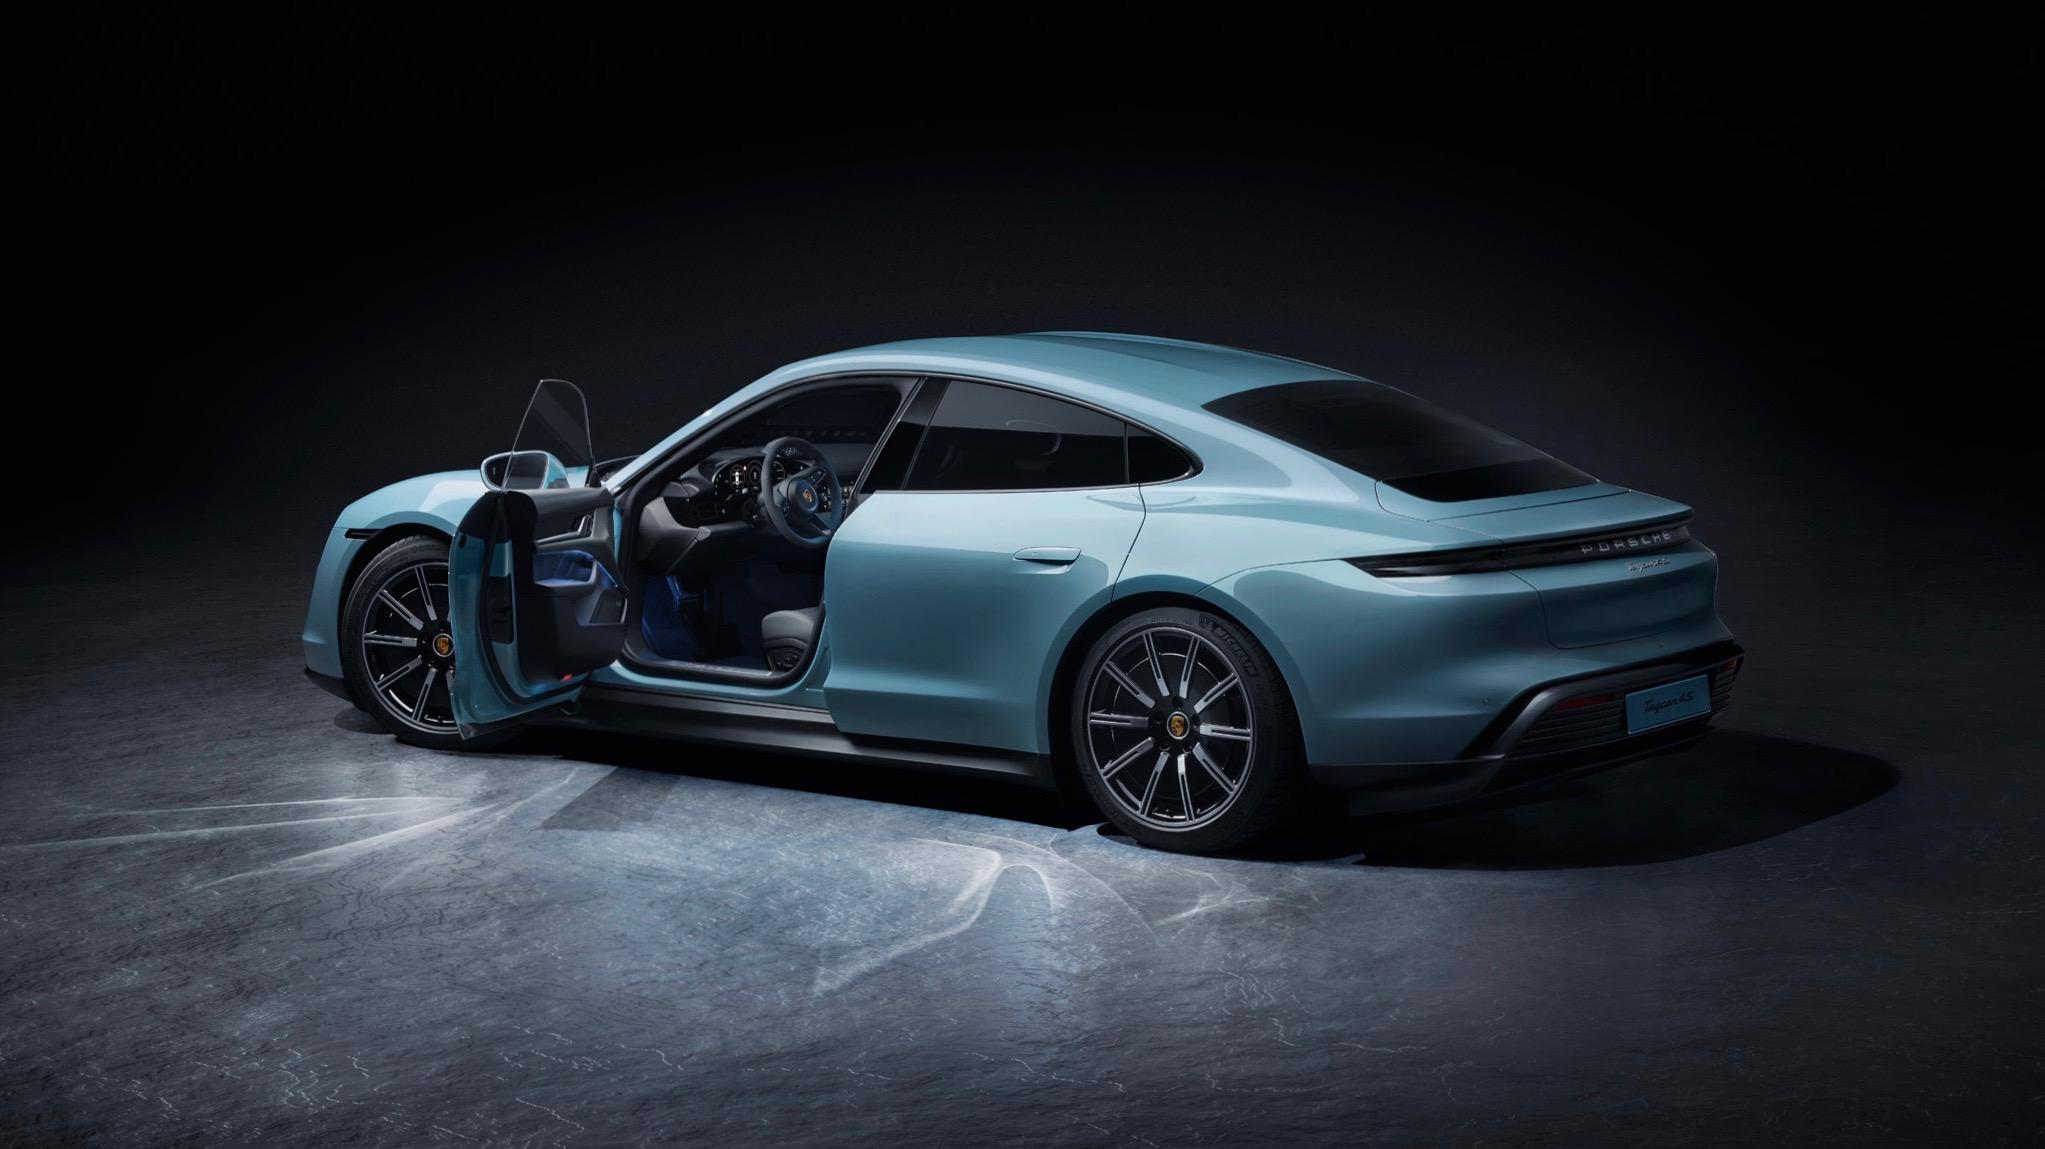 Foto del Porsche Taycan con una puerta abierta